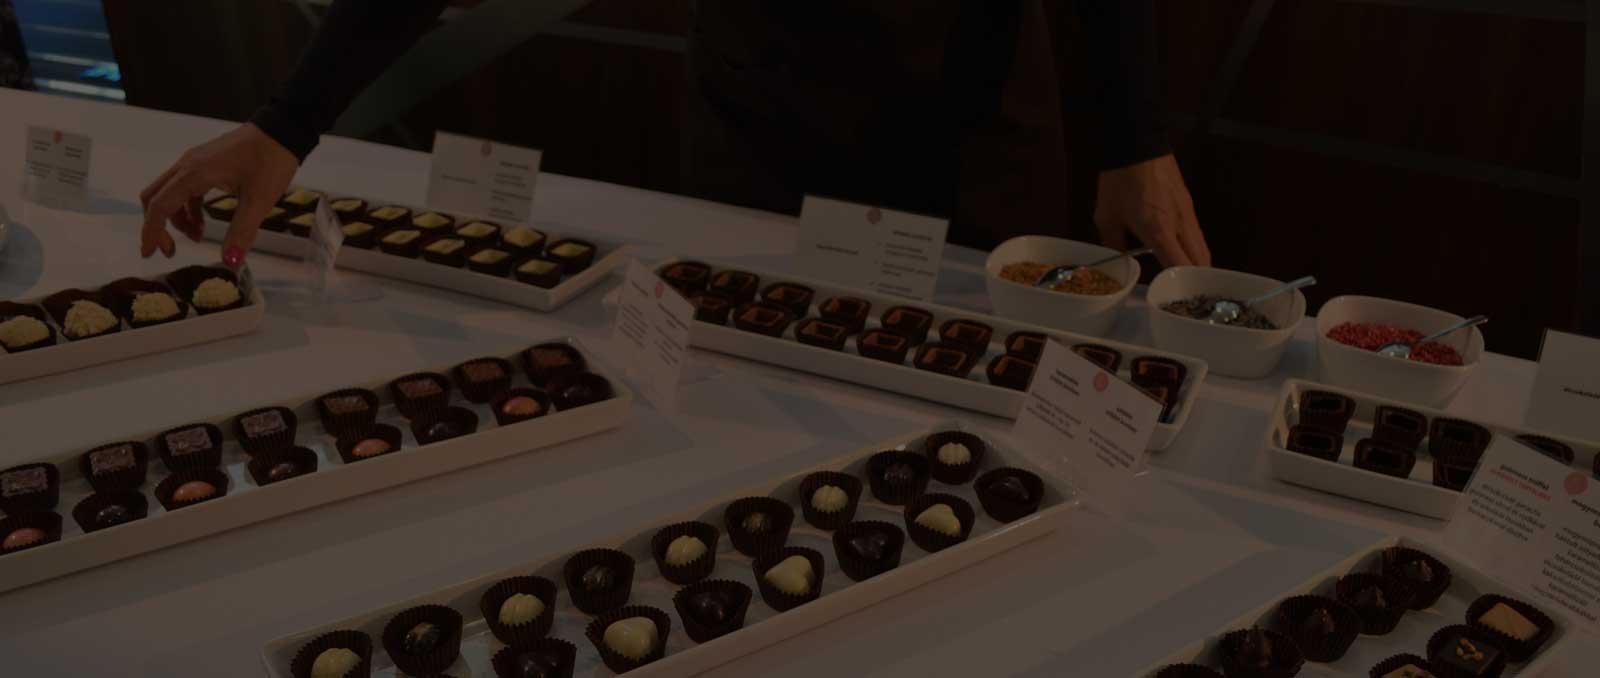 Csokoládékóstolók, rendezvények